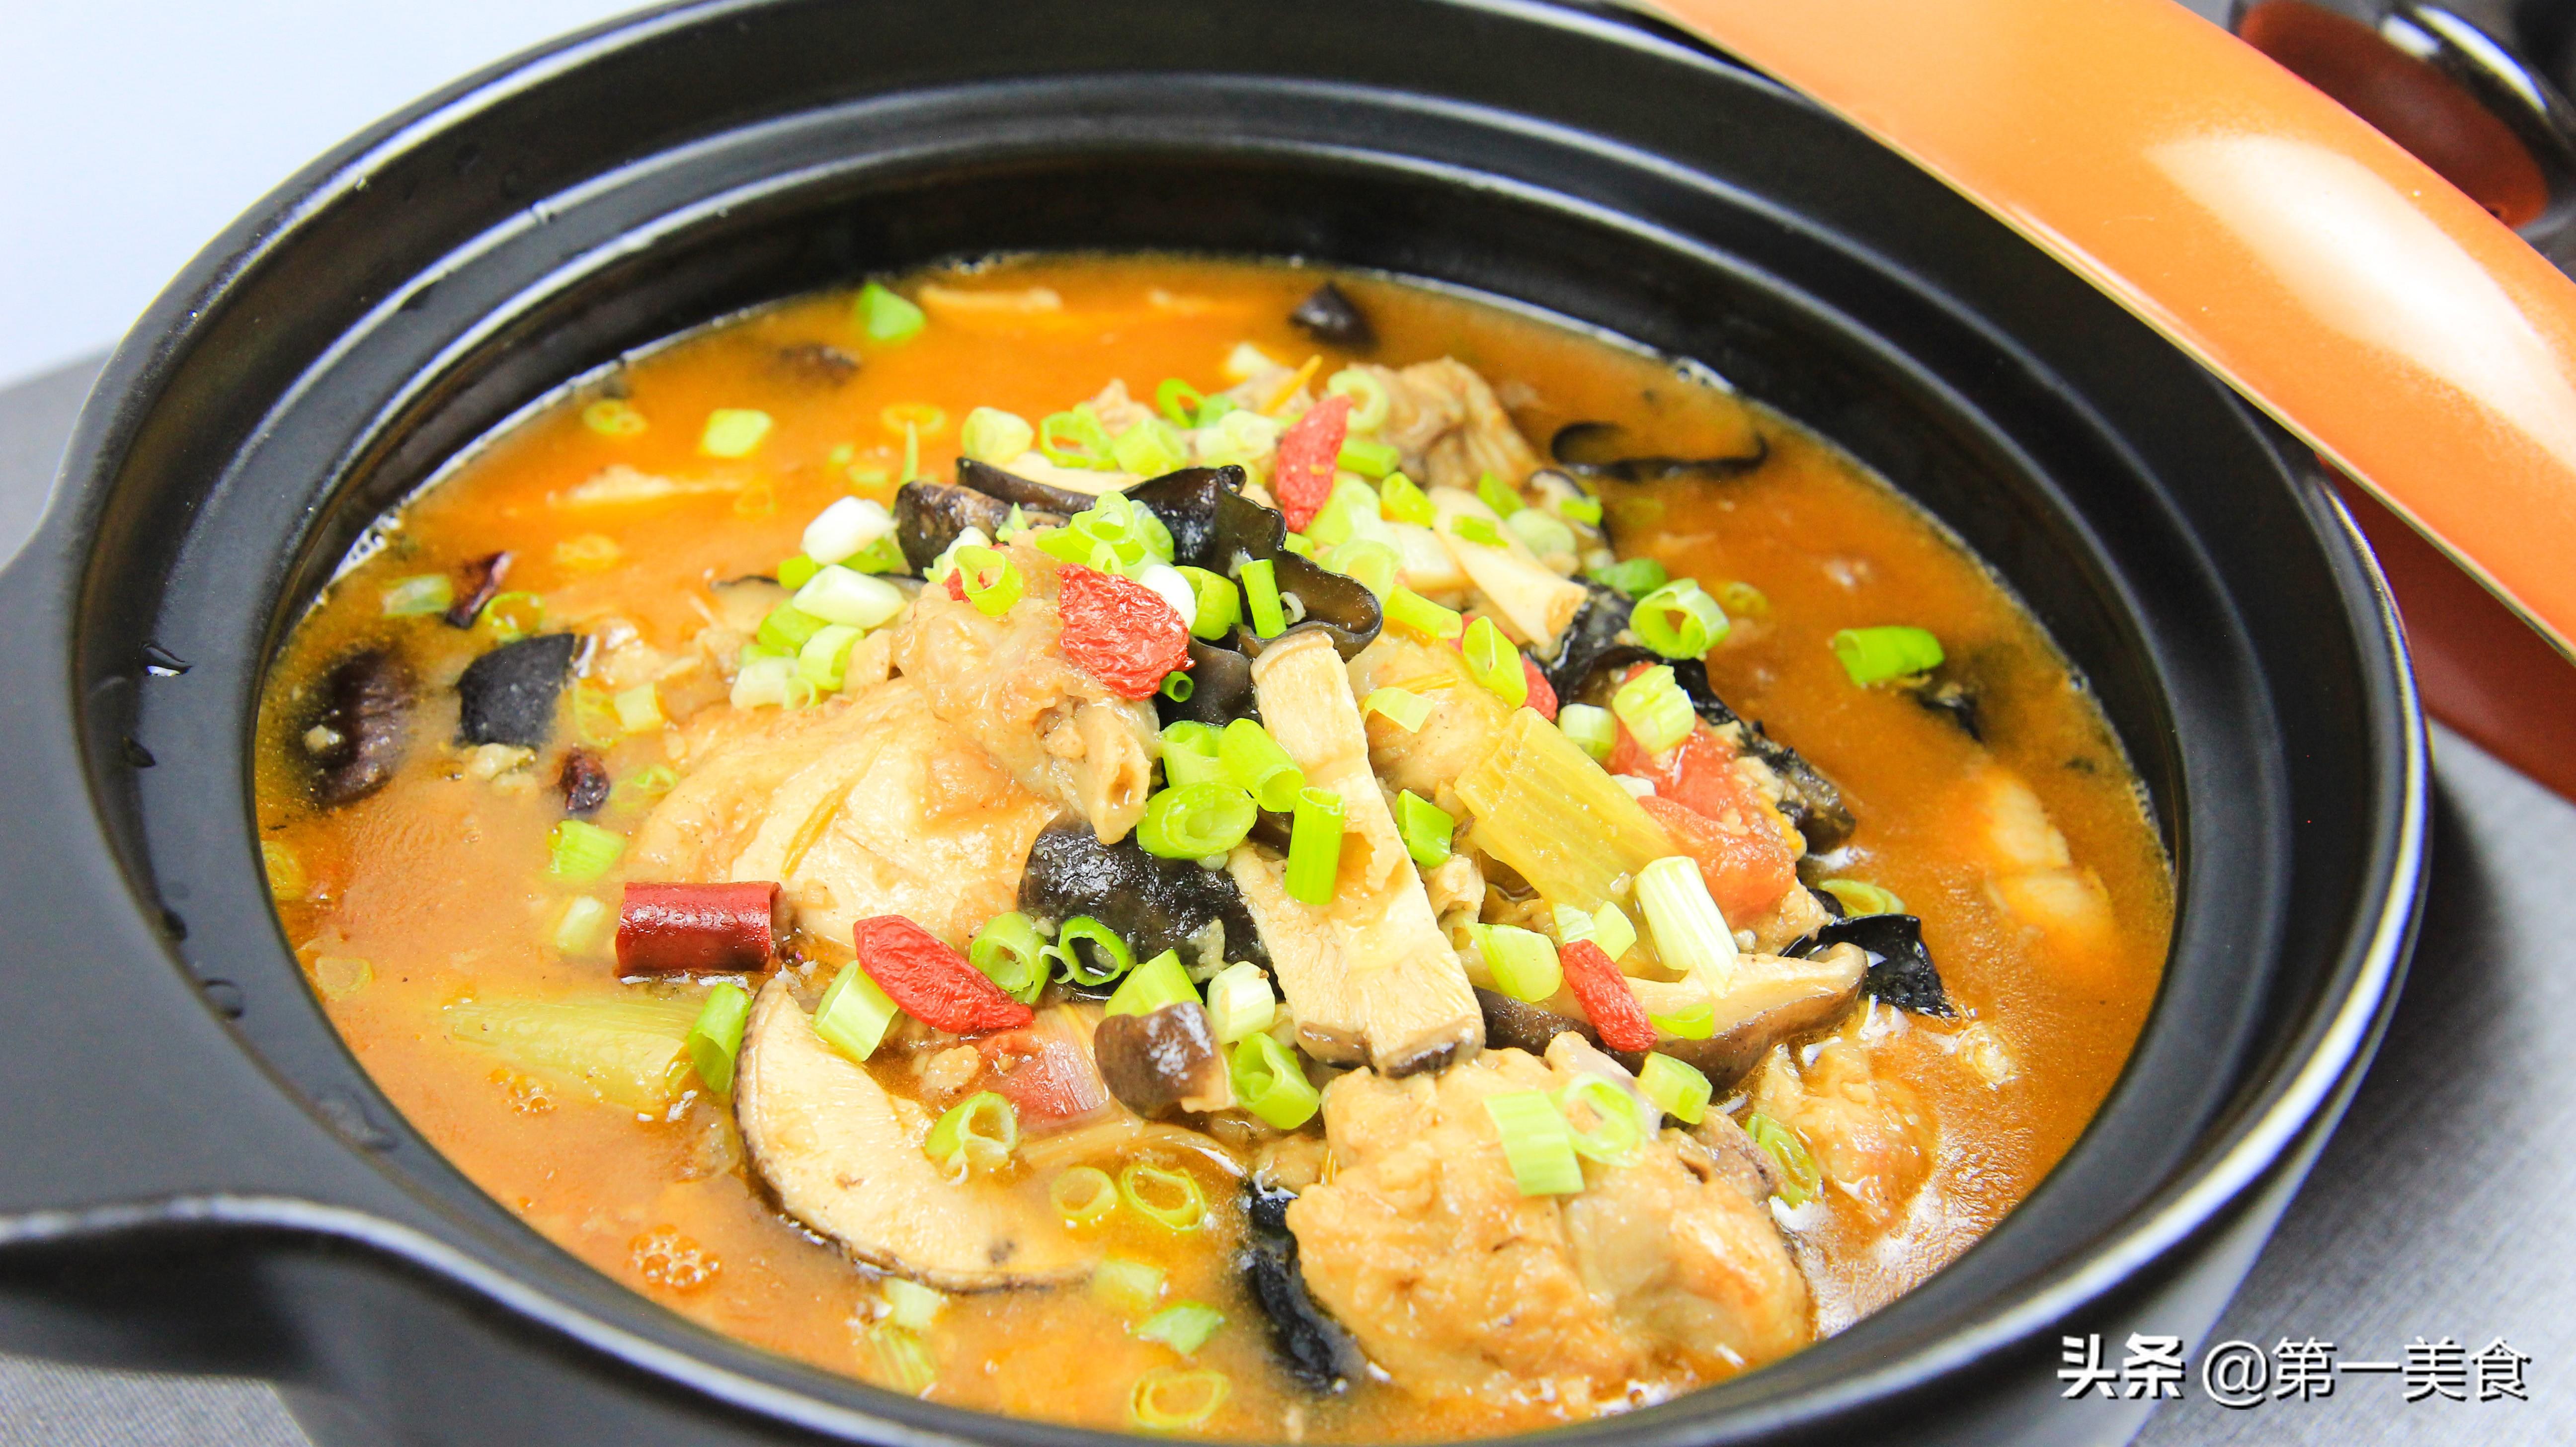 面炕鸡的正确做法 汤汁鲜美